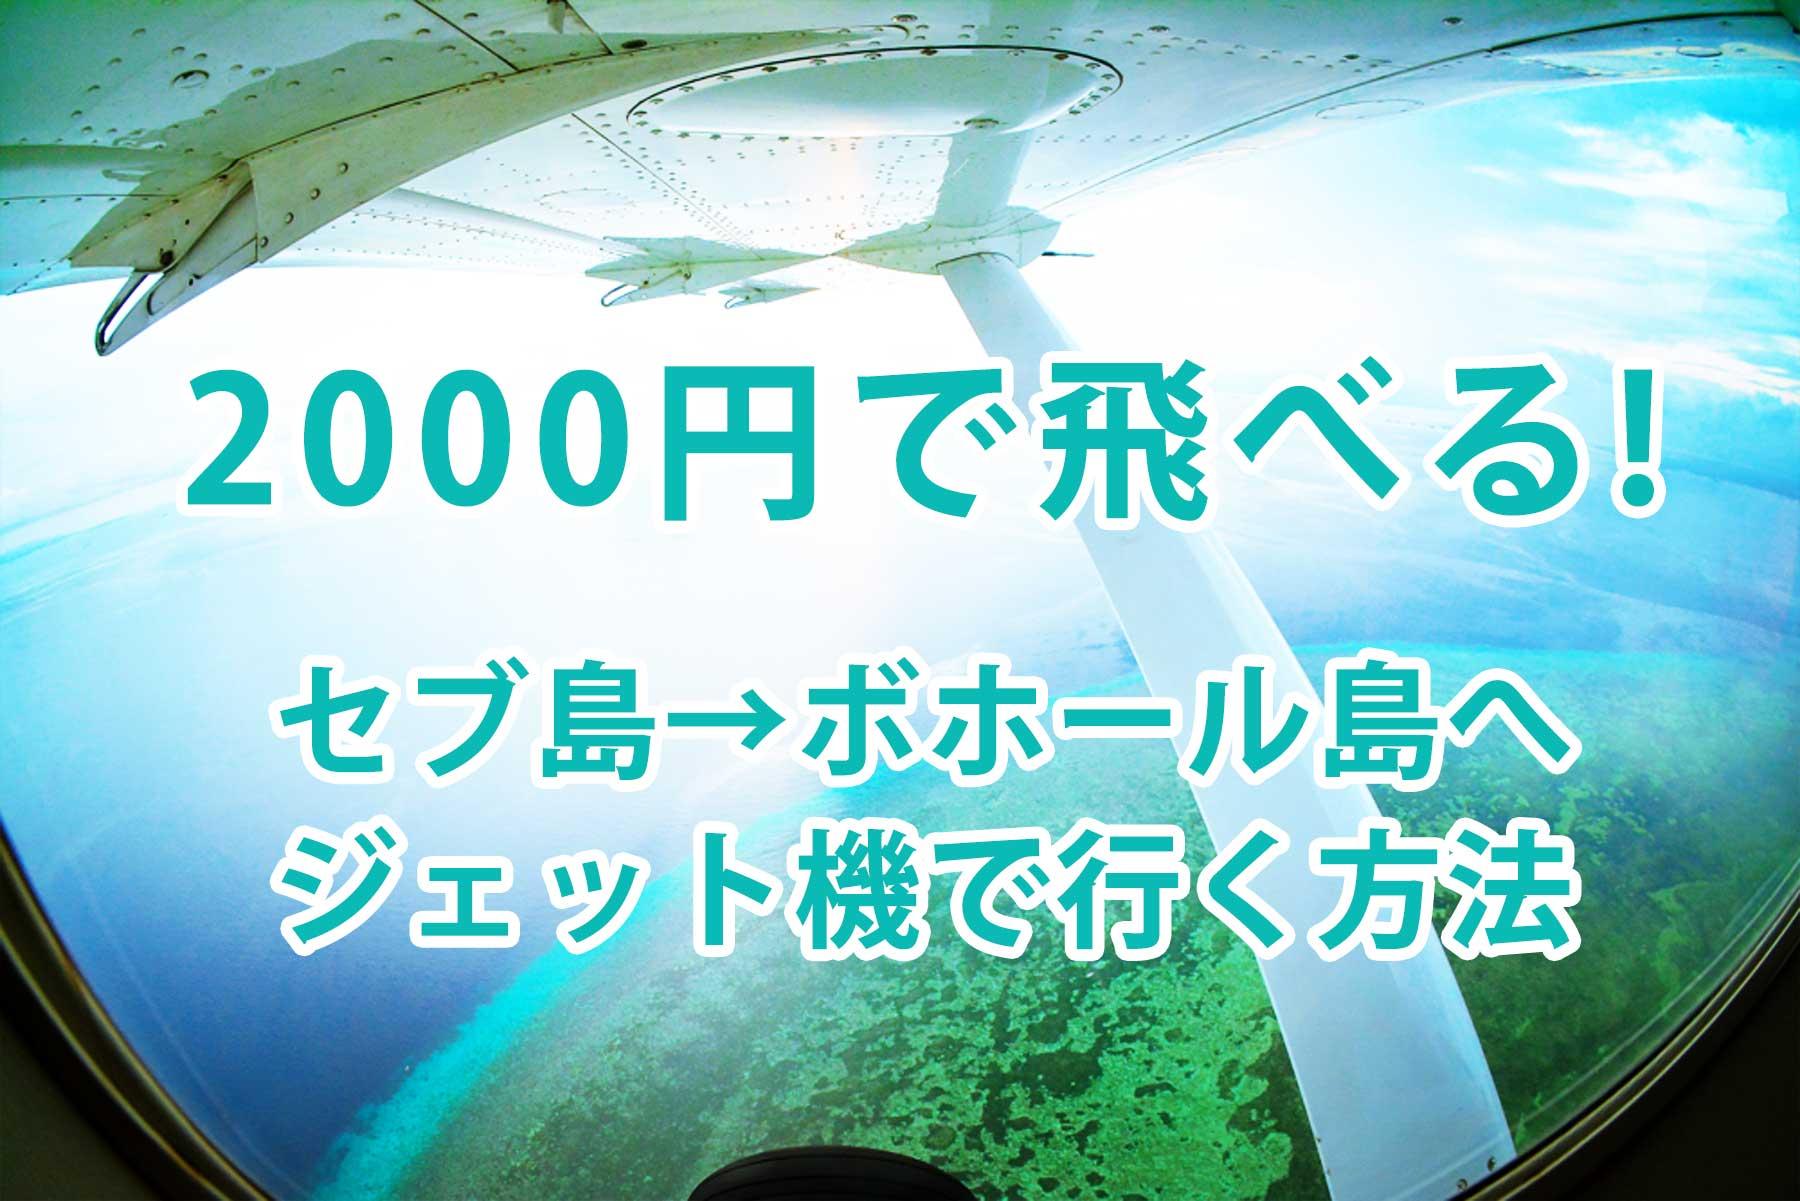 セブ島からボホール島へ二千円で行く方法